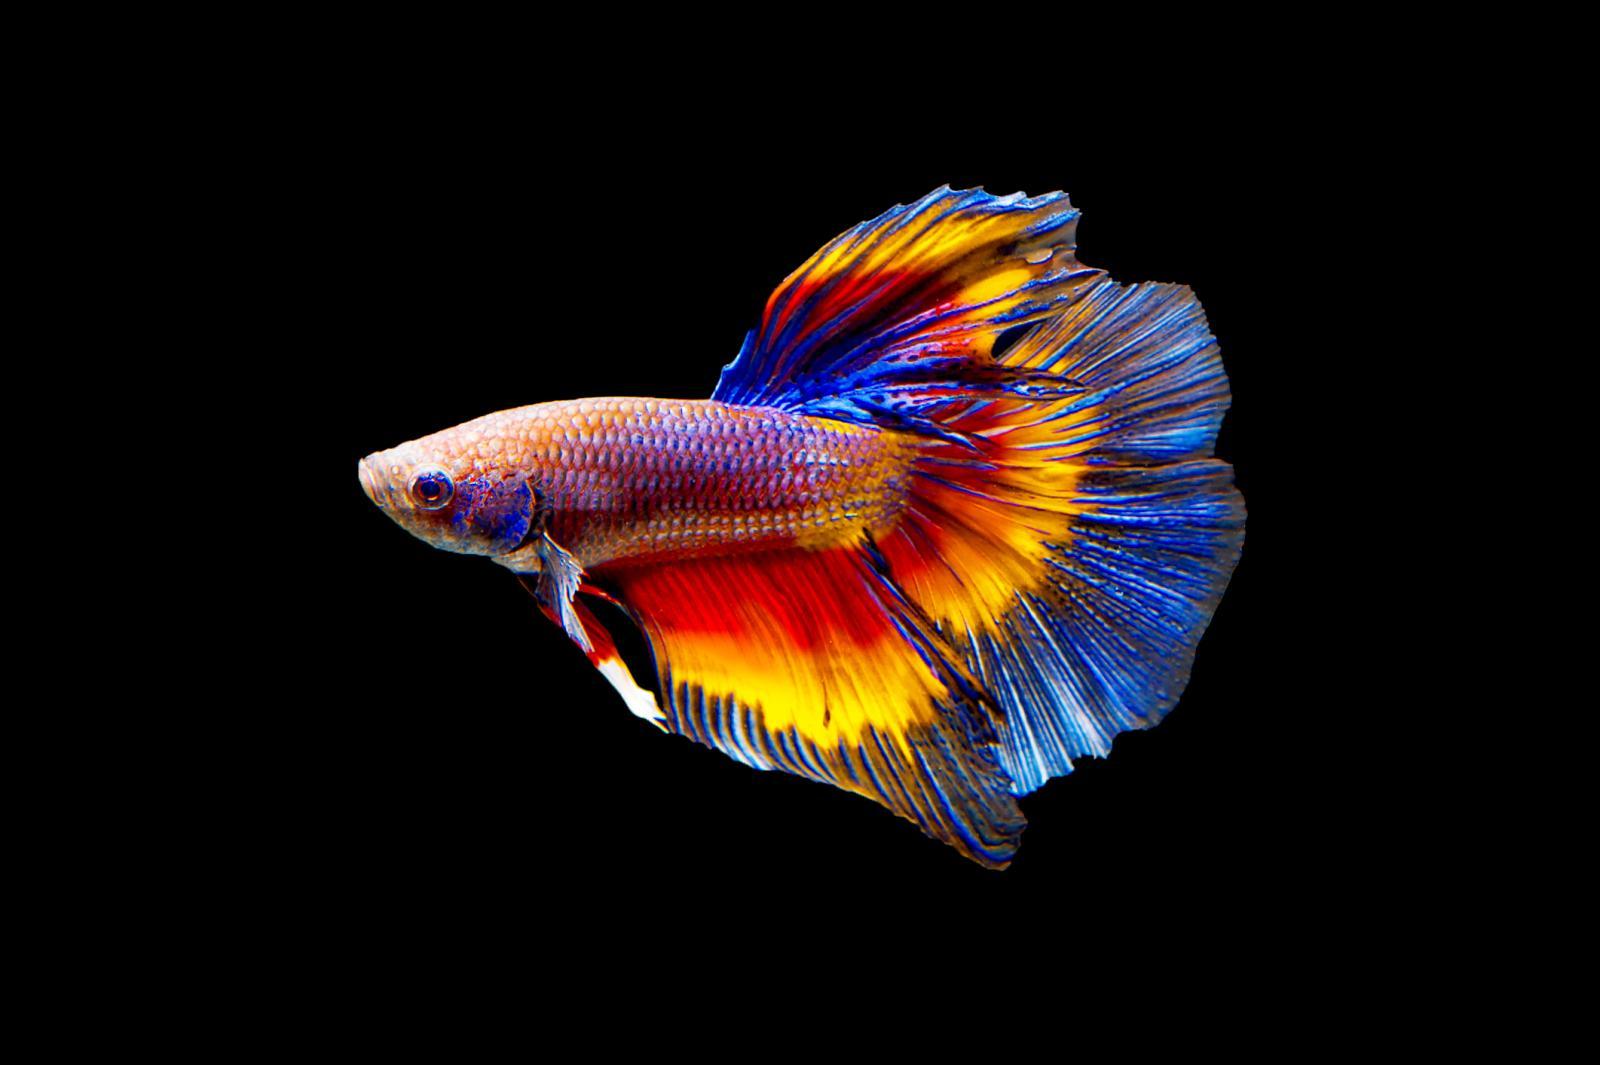 Colorful Betta fish